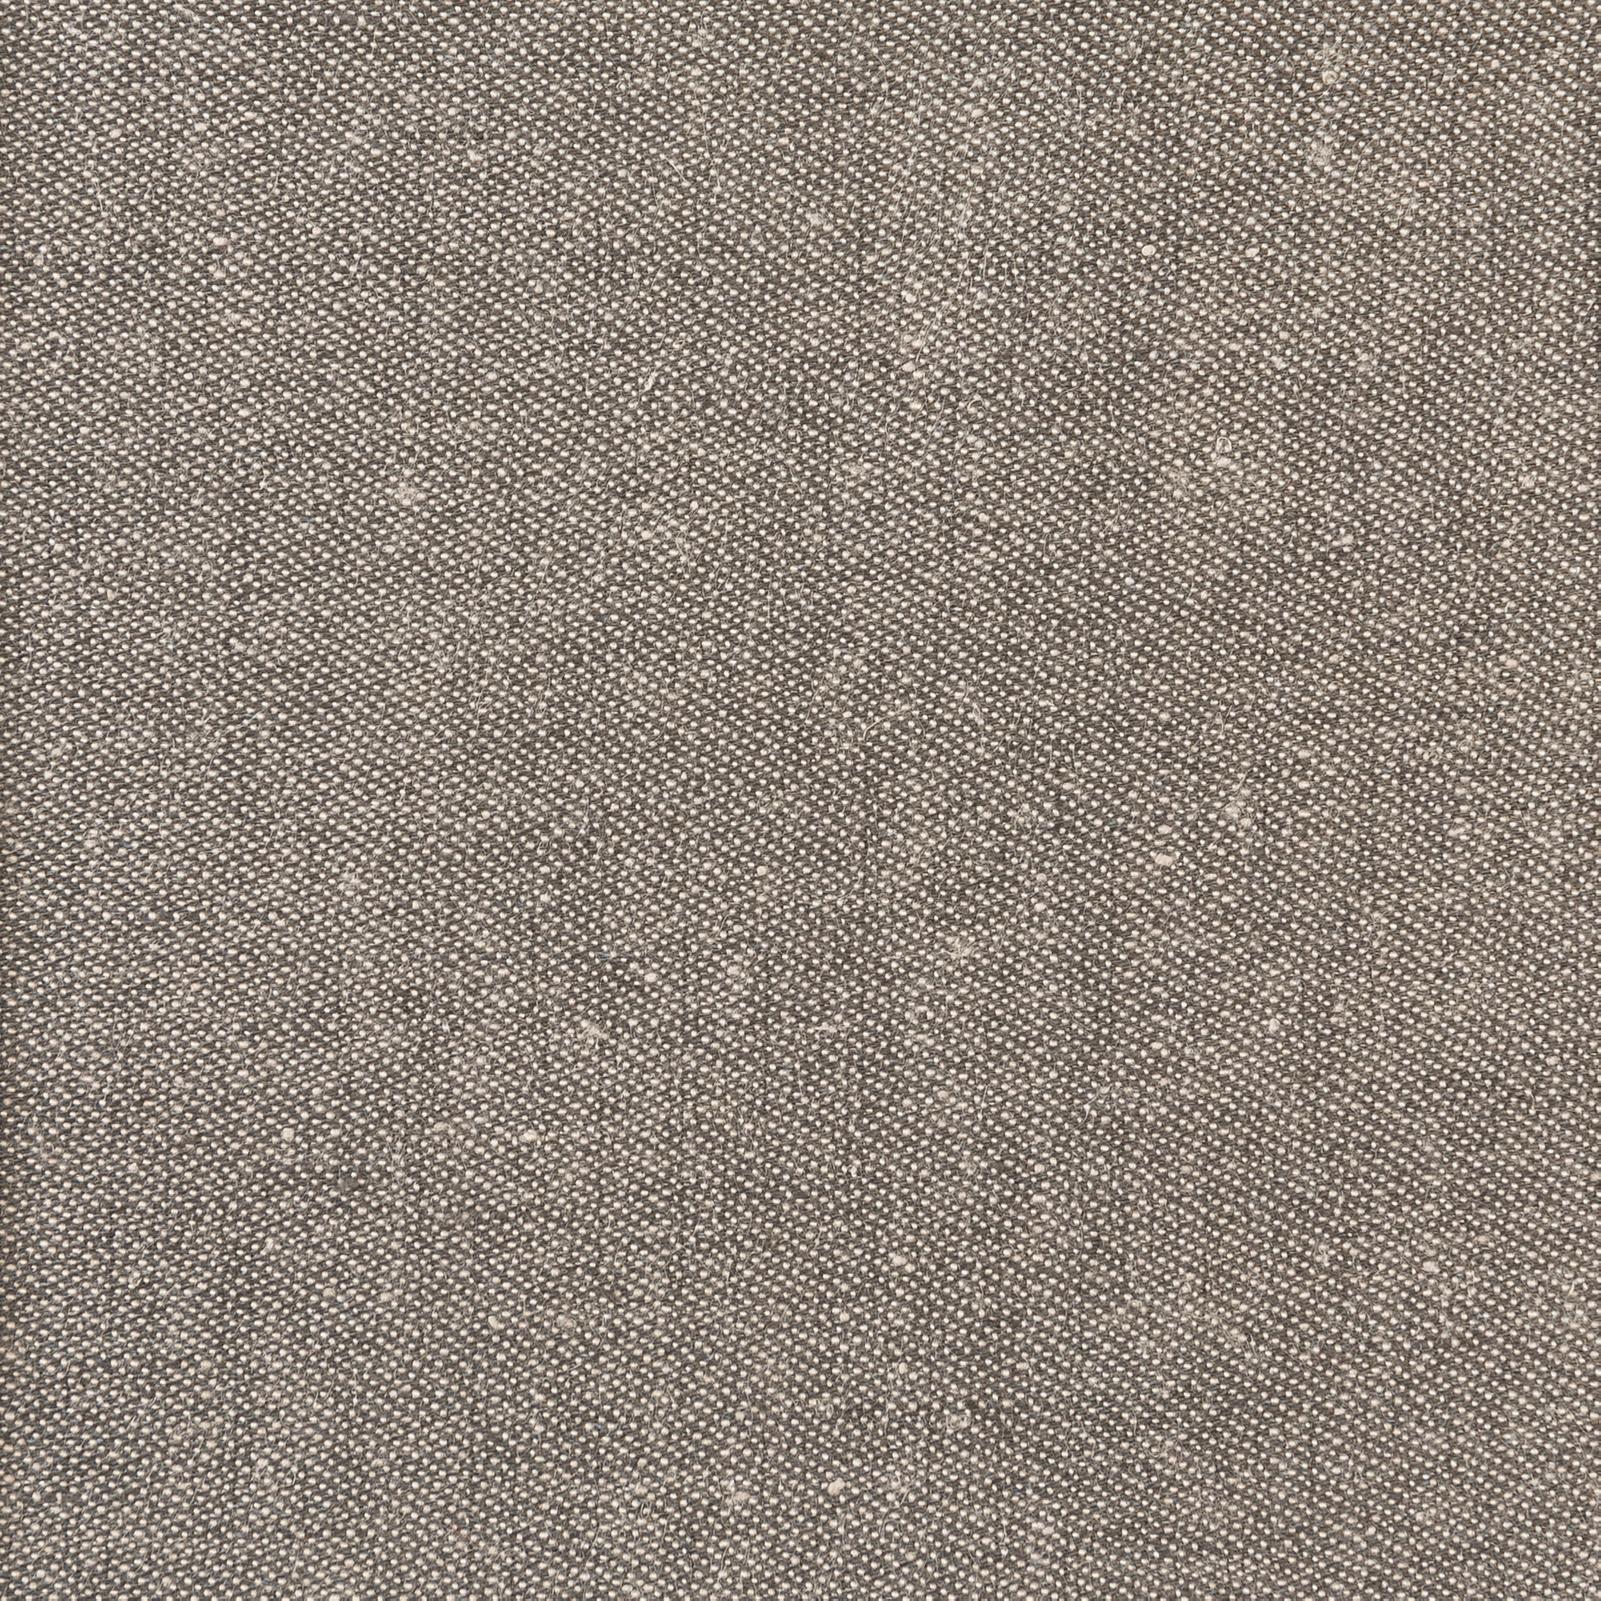 Satin servett linne Klässbols Studio linneväveri grafitgrå